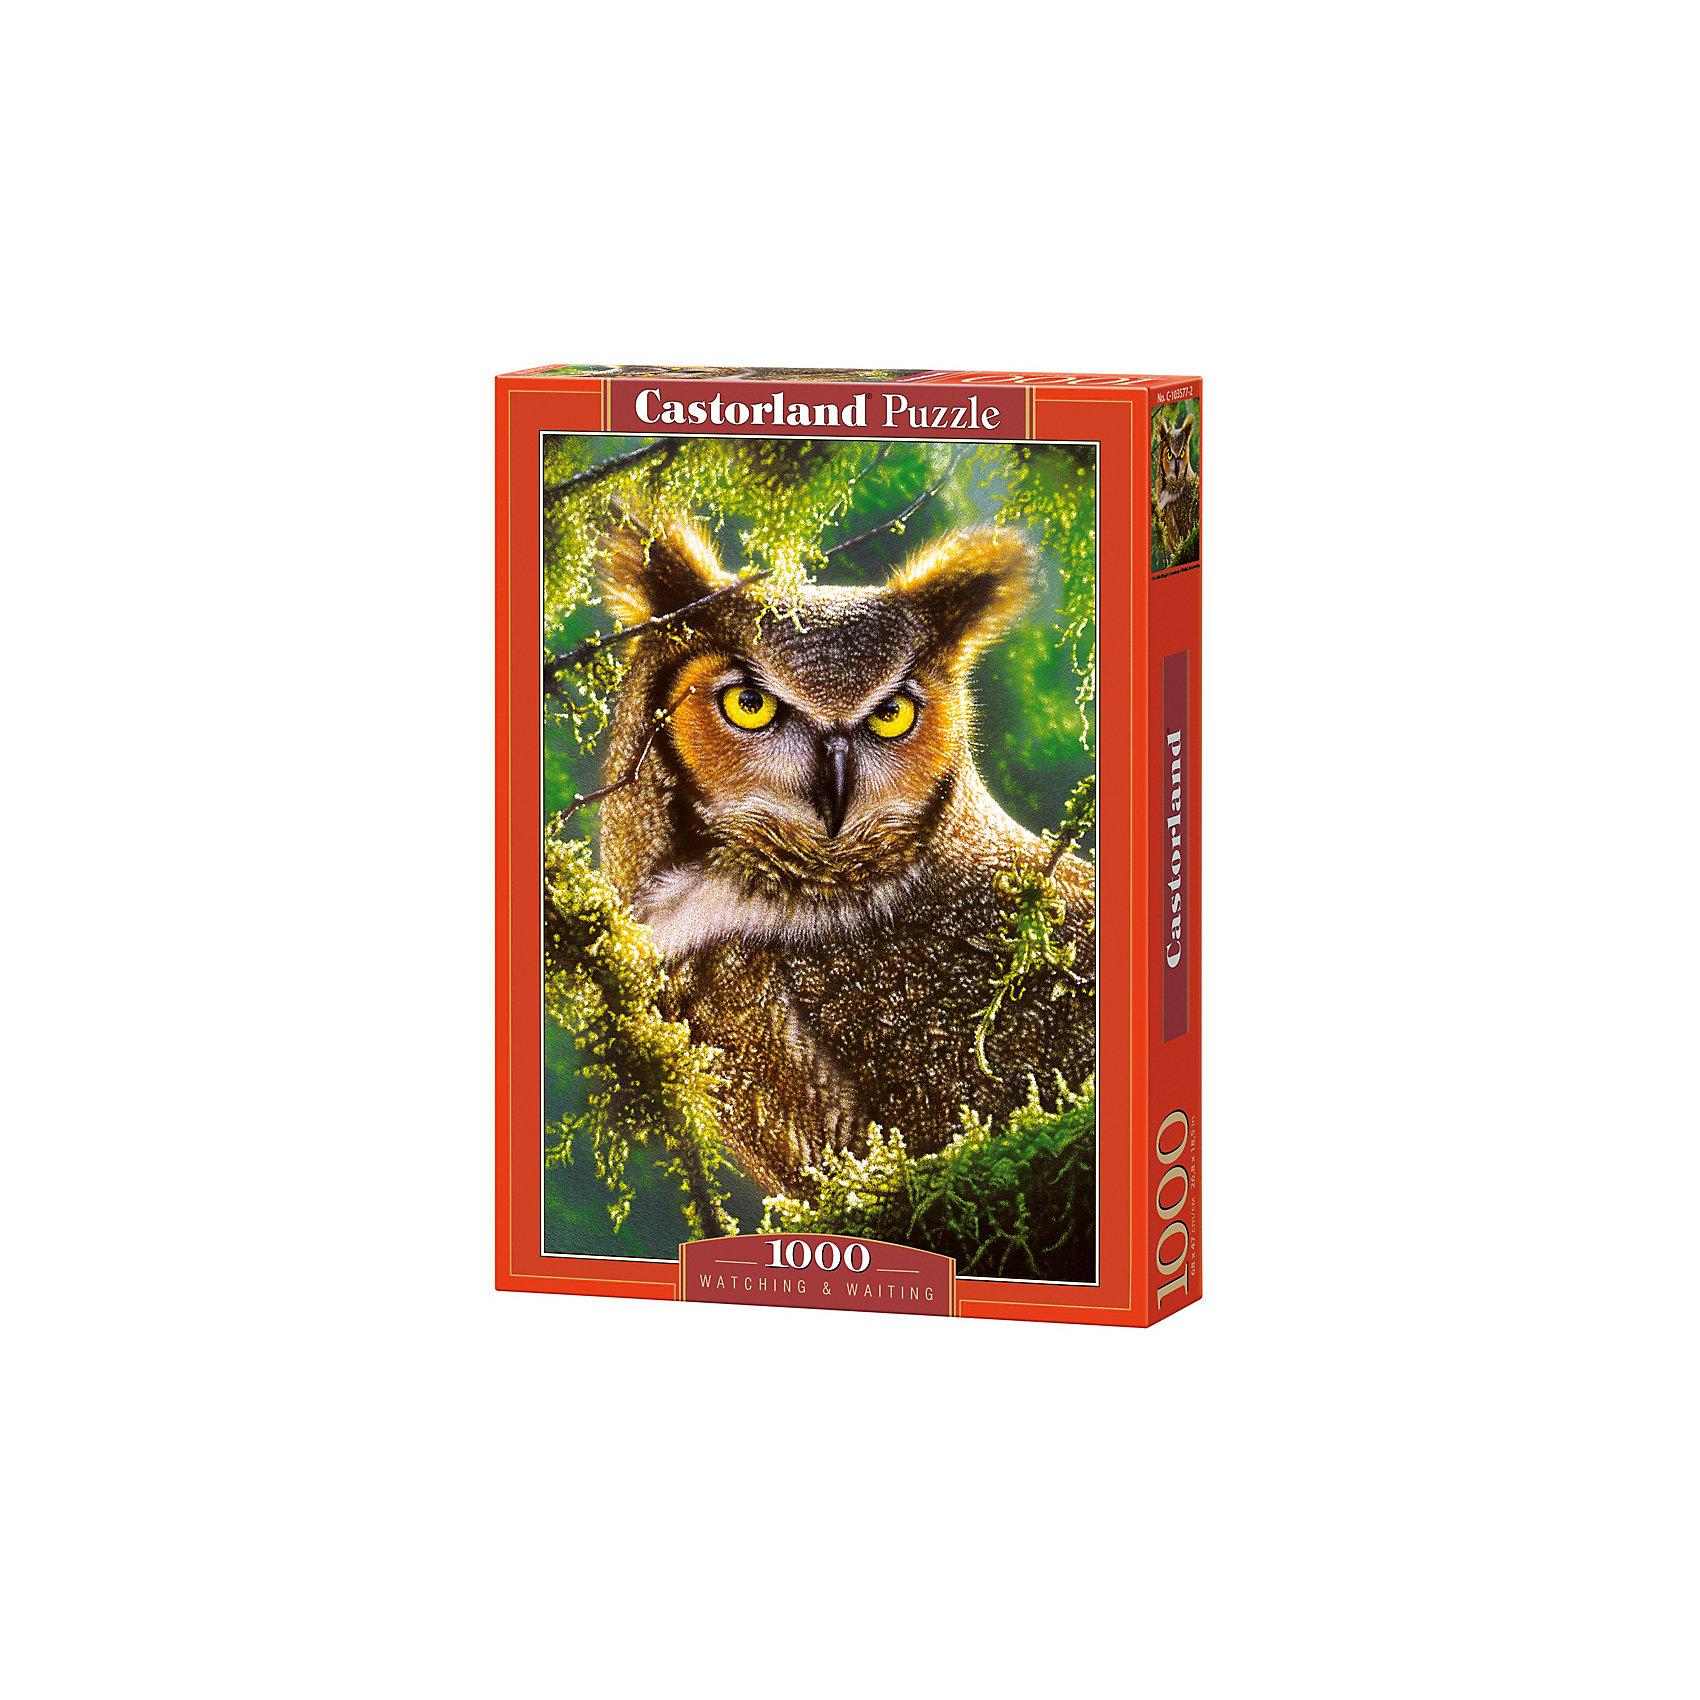 Пазл Castorland Сова. Наблюдение, 1000 деталейПазлы для детей постарше<br>Характеристики:<br><br>• возраст: от 9 лет<br>• количество деталей: 1000 шт.<br>• размер собранного пазла: 47х68 см.<br>• материал: картон<br>• упаковка: картонная коробка<br>• размер упаковки: 25x5x35 см.<br>• вес: 500 гр.<br>• страна обладатель бренда: Польша<br><br>Пазл «Сова. Наблюдение» от Castorland (Касторленд) отличается высоким качеством, высоким уровнем полиграфии, насыщенными цветами и идеальной стыковкой элементов. Пазл состоит из тысячи элементов, собрав которые, можно получить чудесную картину с изображенной на ней совой, затаившейся в ветвях дерева.<br><br>Пазл Сова. Наблюдение, 1000 деталей, Castorland (Касторленд) можно купить в нашем интернет-магазине.<br><br>Ширина мм: 350<br>Глубина мм: 250<br>Высота мм: 50<br>Вес г: 500<br>Возраст от месяцев: 108<br>Возраст до месяцев: 2147483647<br>Пол: Унисекс<br>Возраст: Детский<br>SKU: 6725071